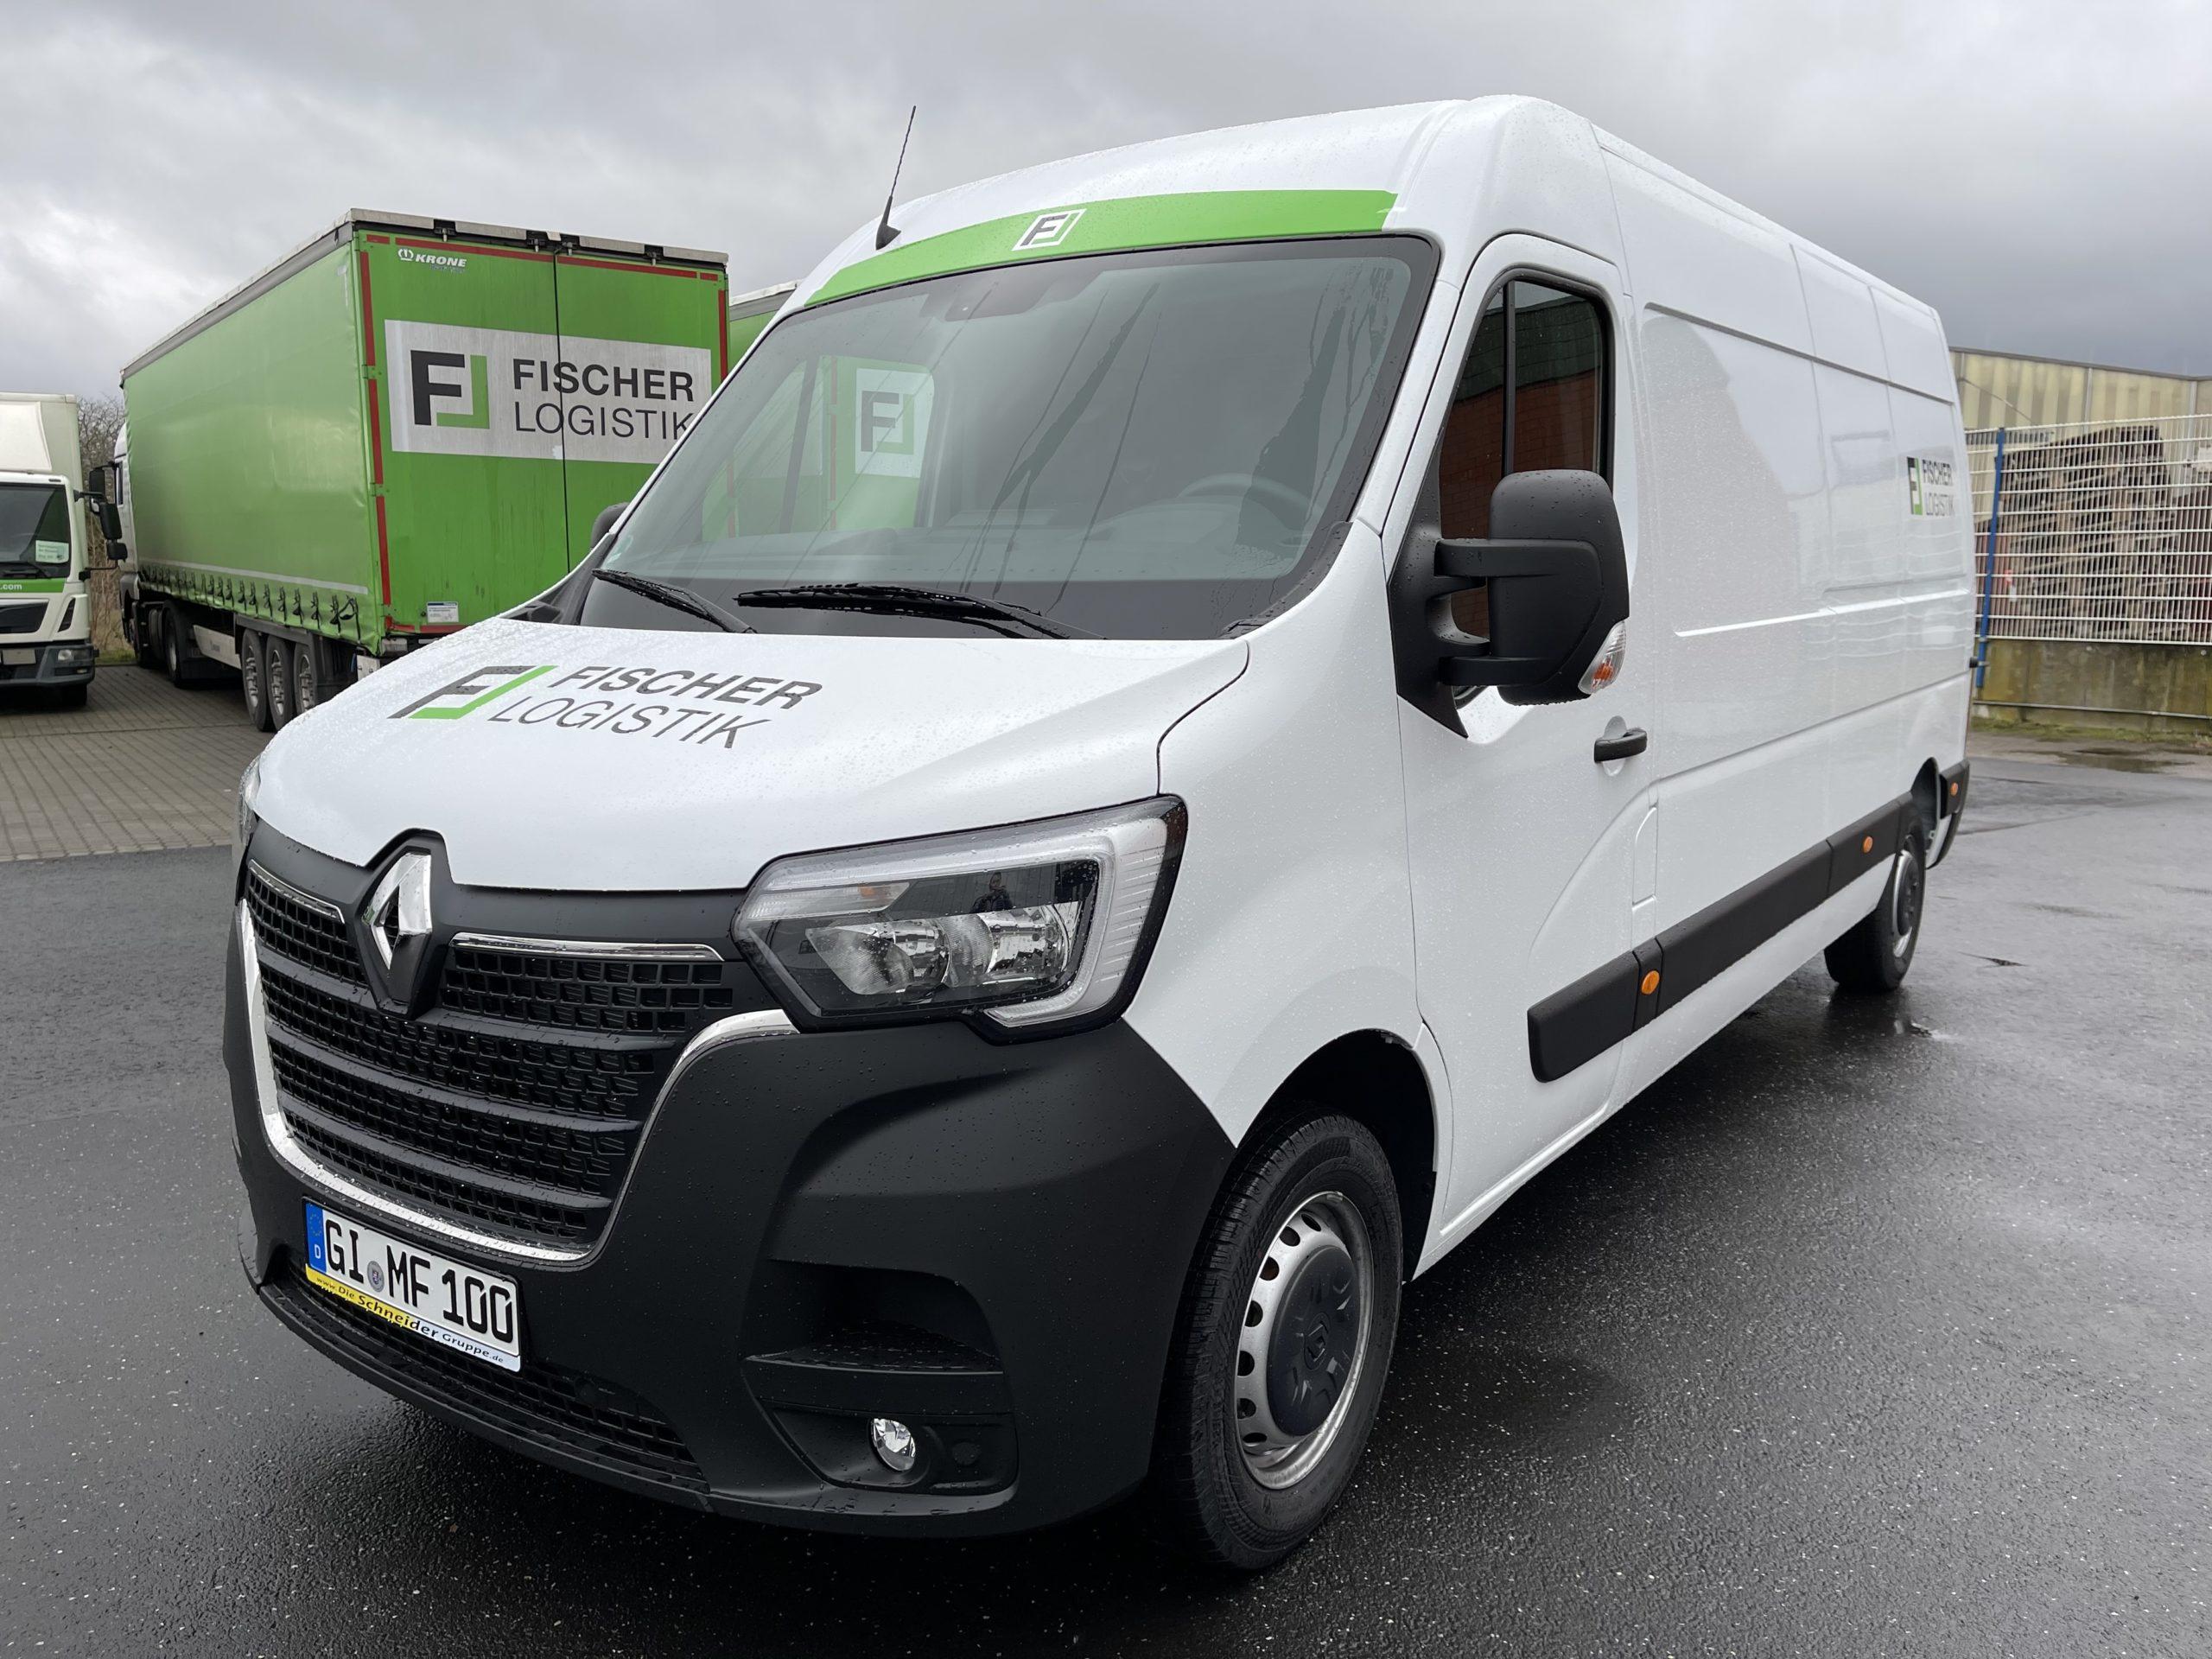 Vermietung Renault Master Fischer Logistik